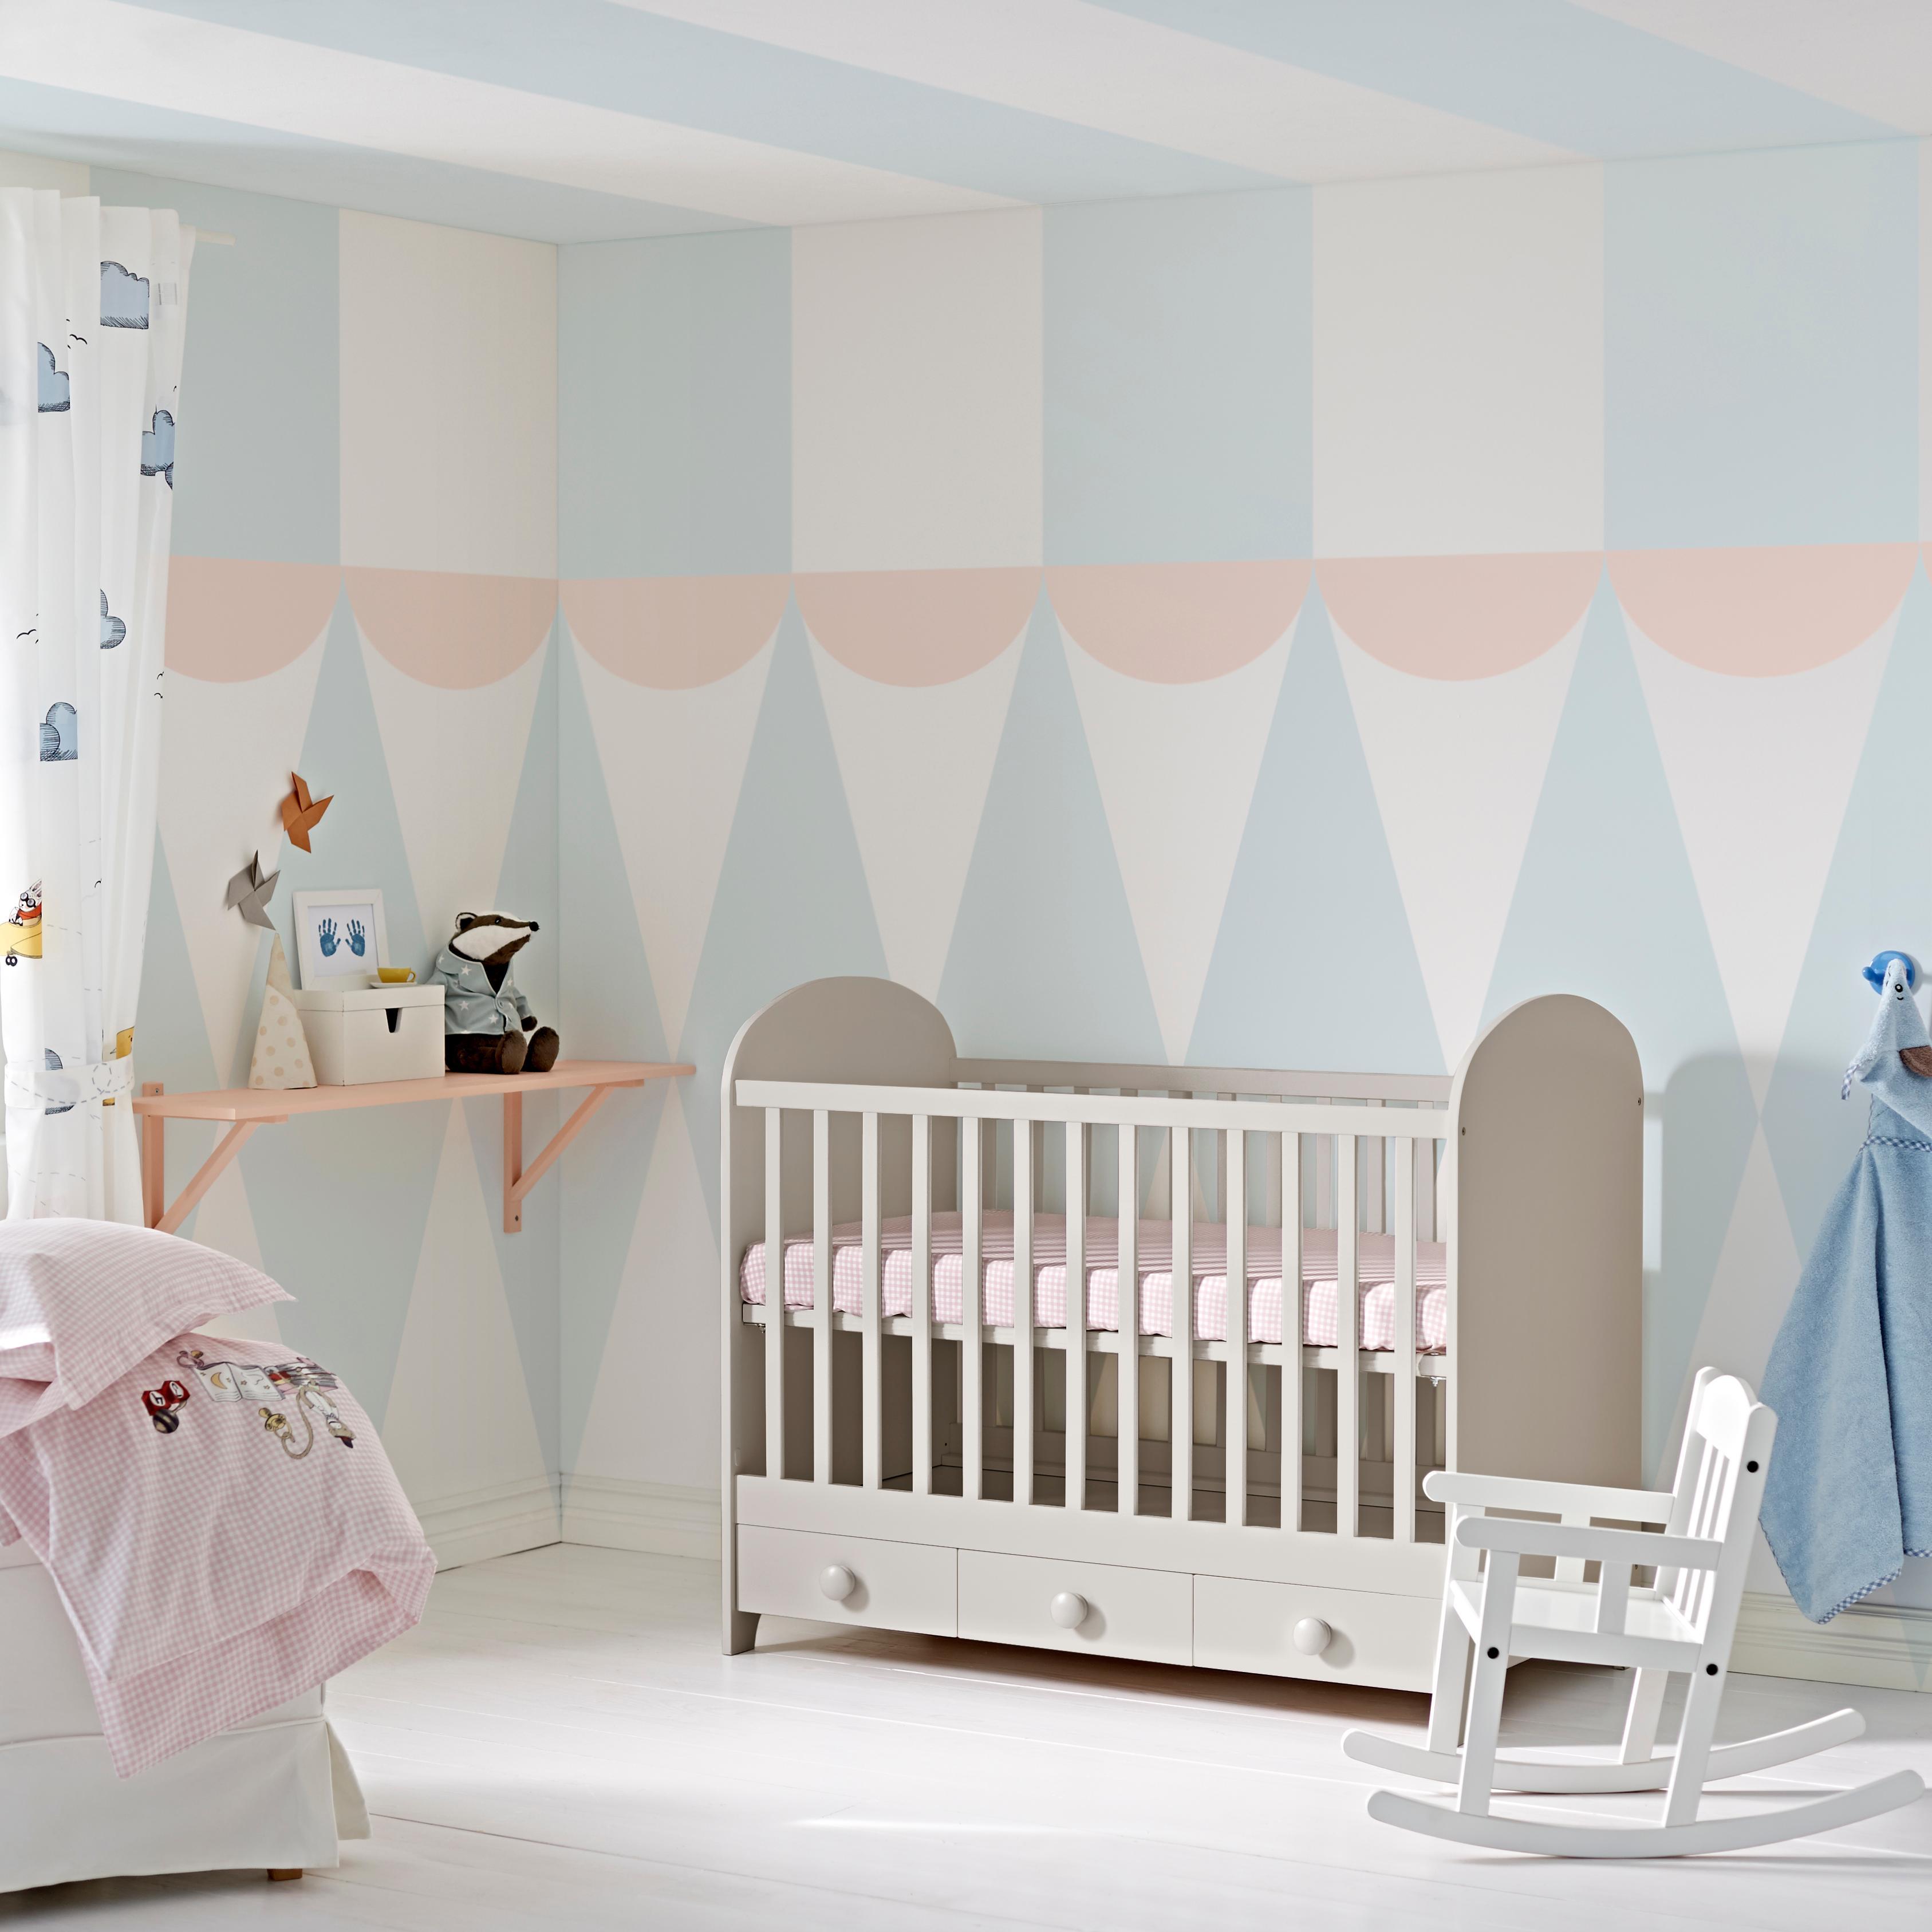 Babyzimmer Wandgestaltung • Bilder & Ideen • COUCHstyle